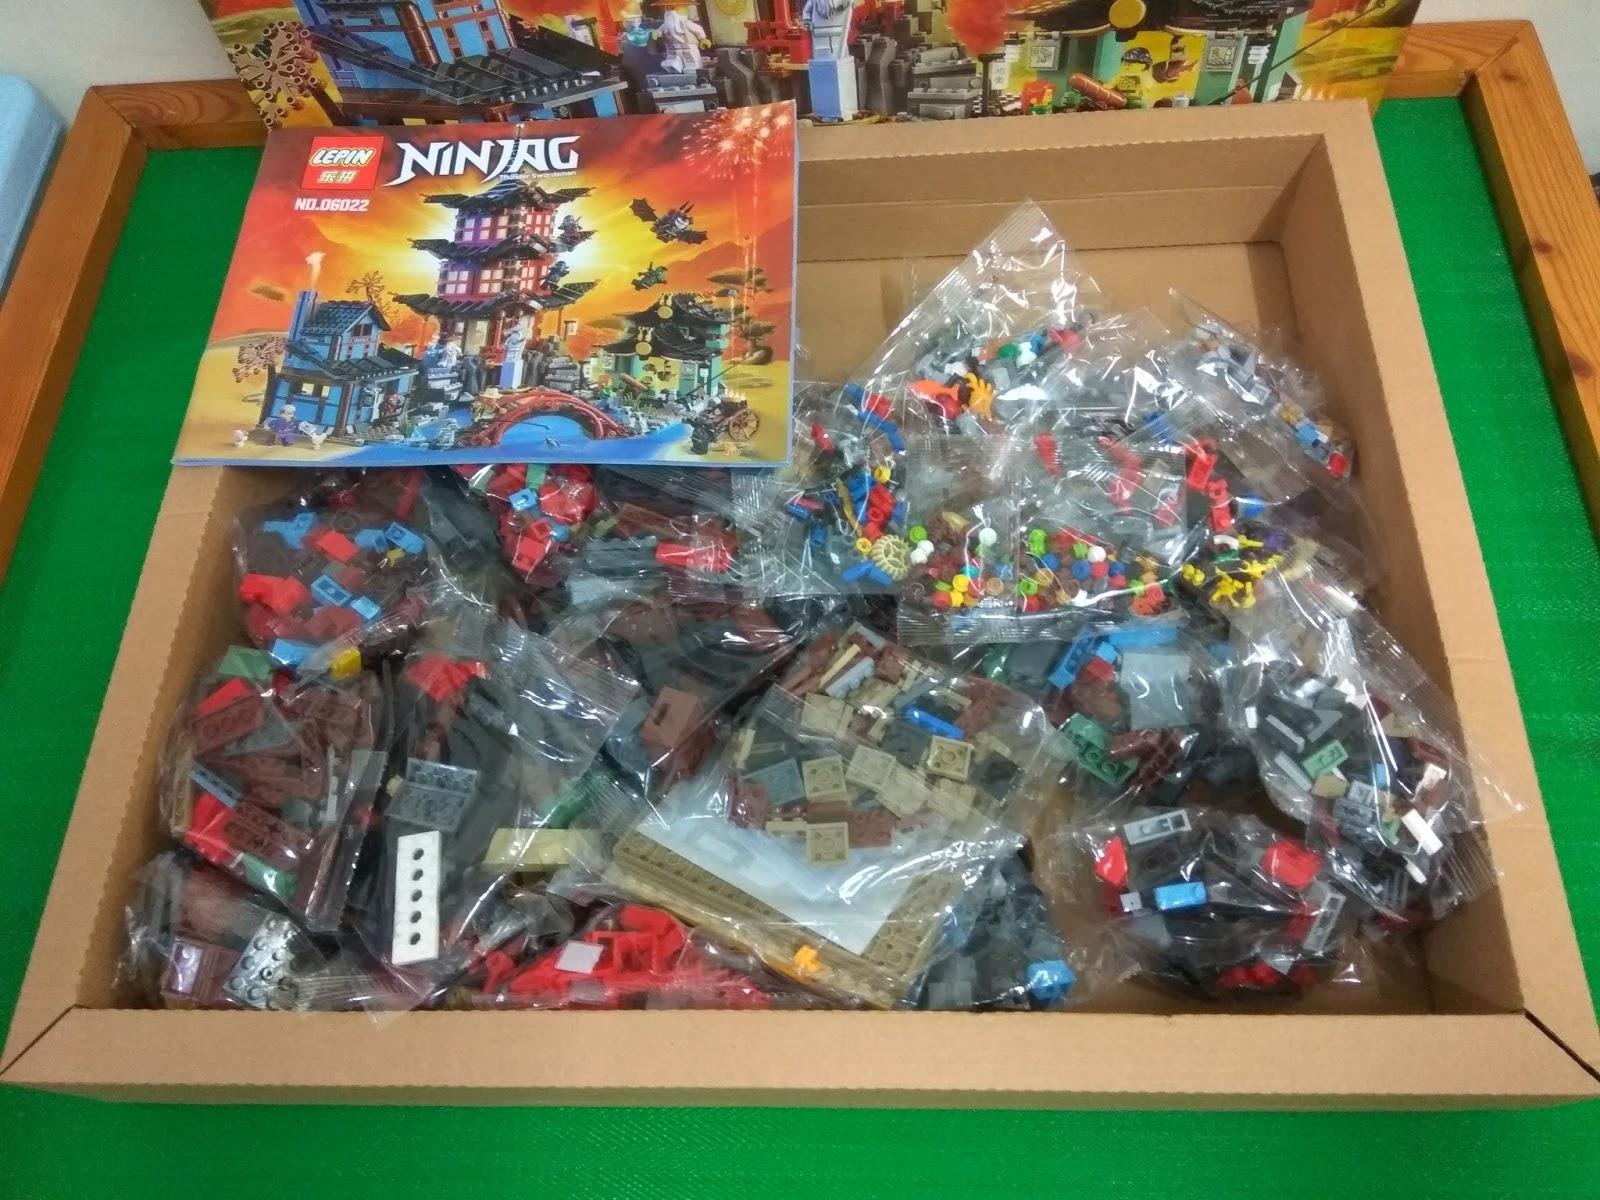 bloco de construção lego